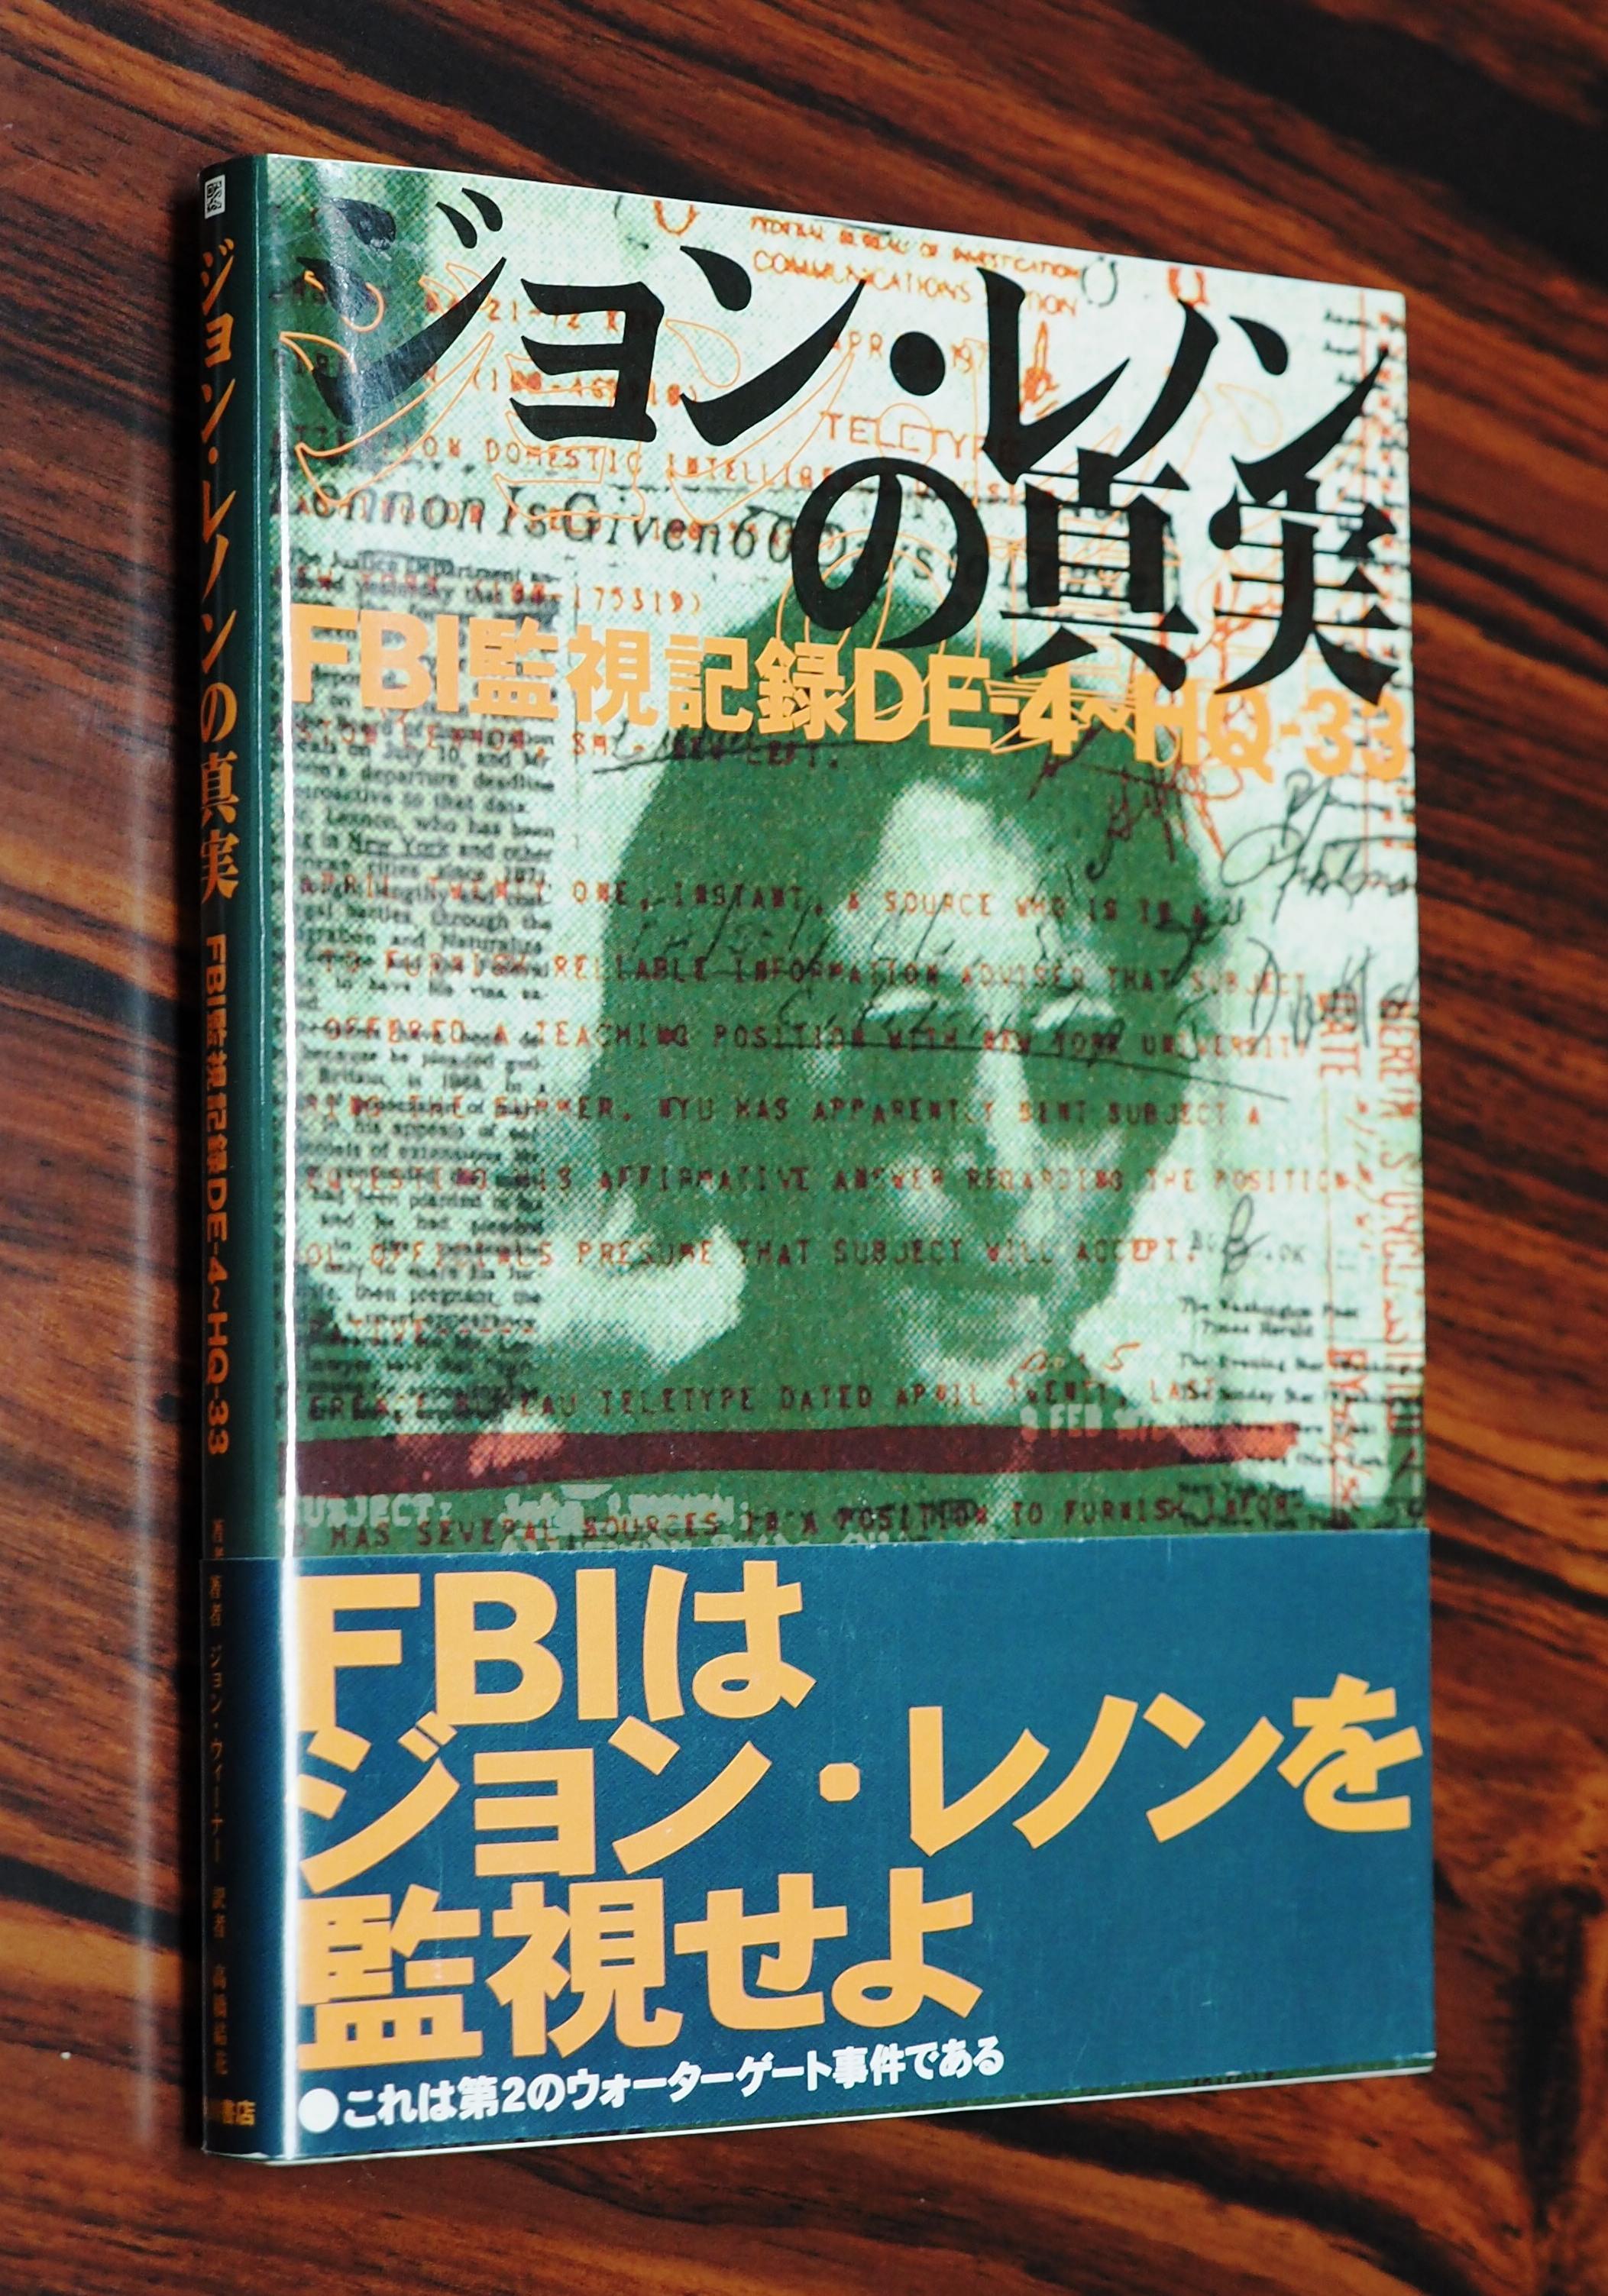 「ジョン・レノンの真実 FBI監視記録DE-4~HQ-33」(ジョン・ウィーナー著 角川書店刊)